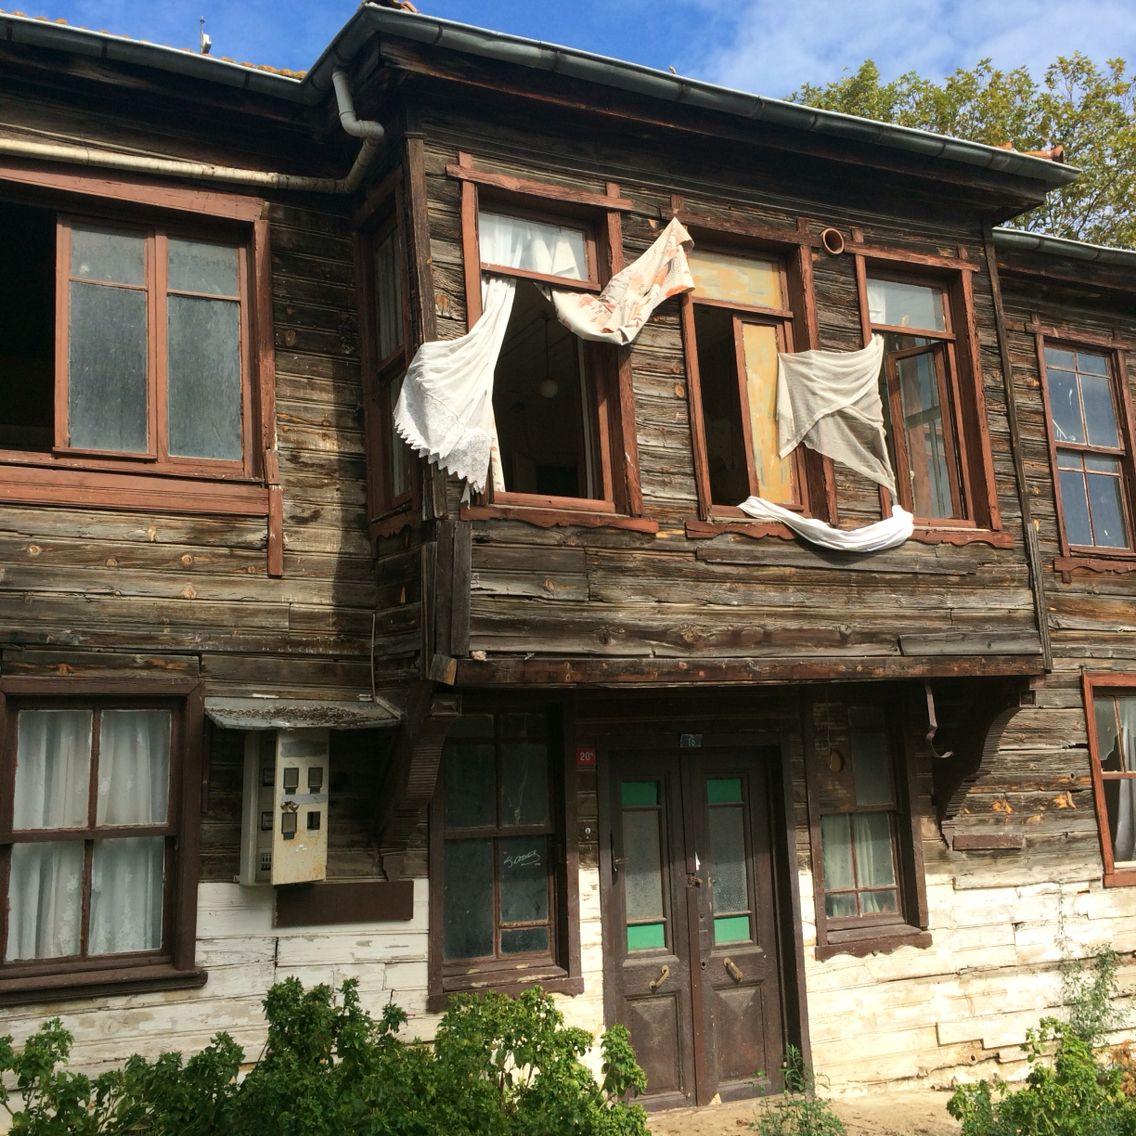 Burgazada, Turkey Terkedilmiş, Eski evler, Evler